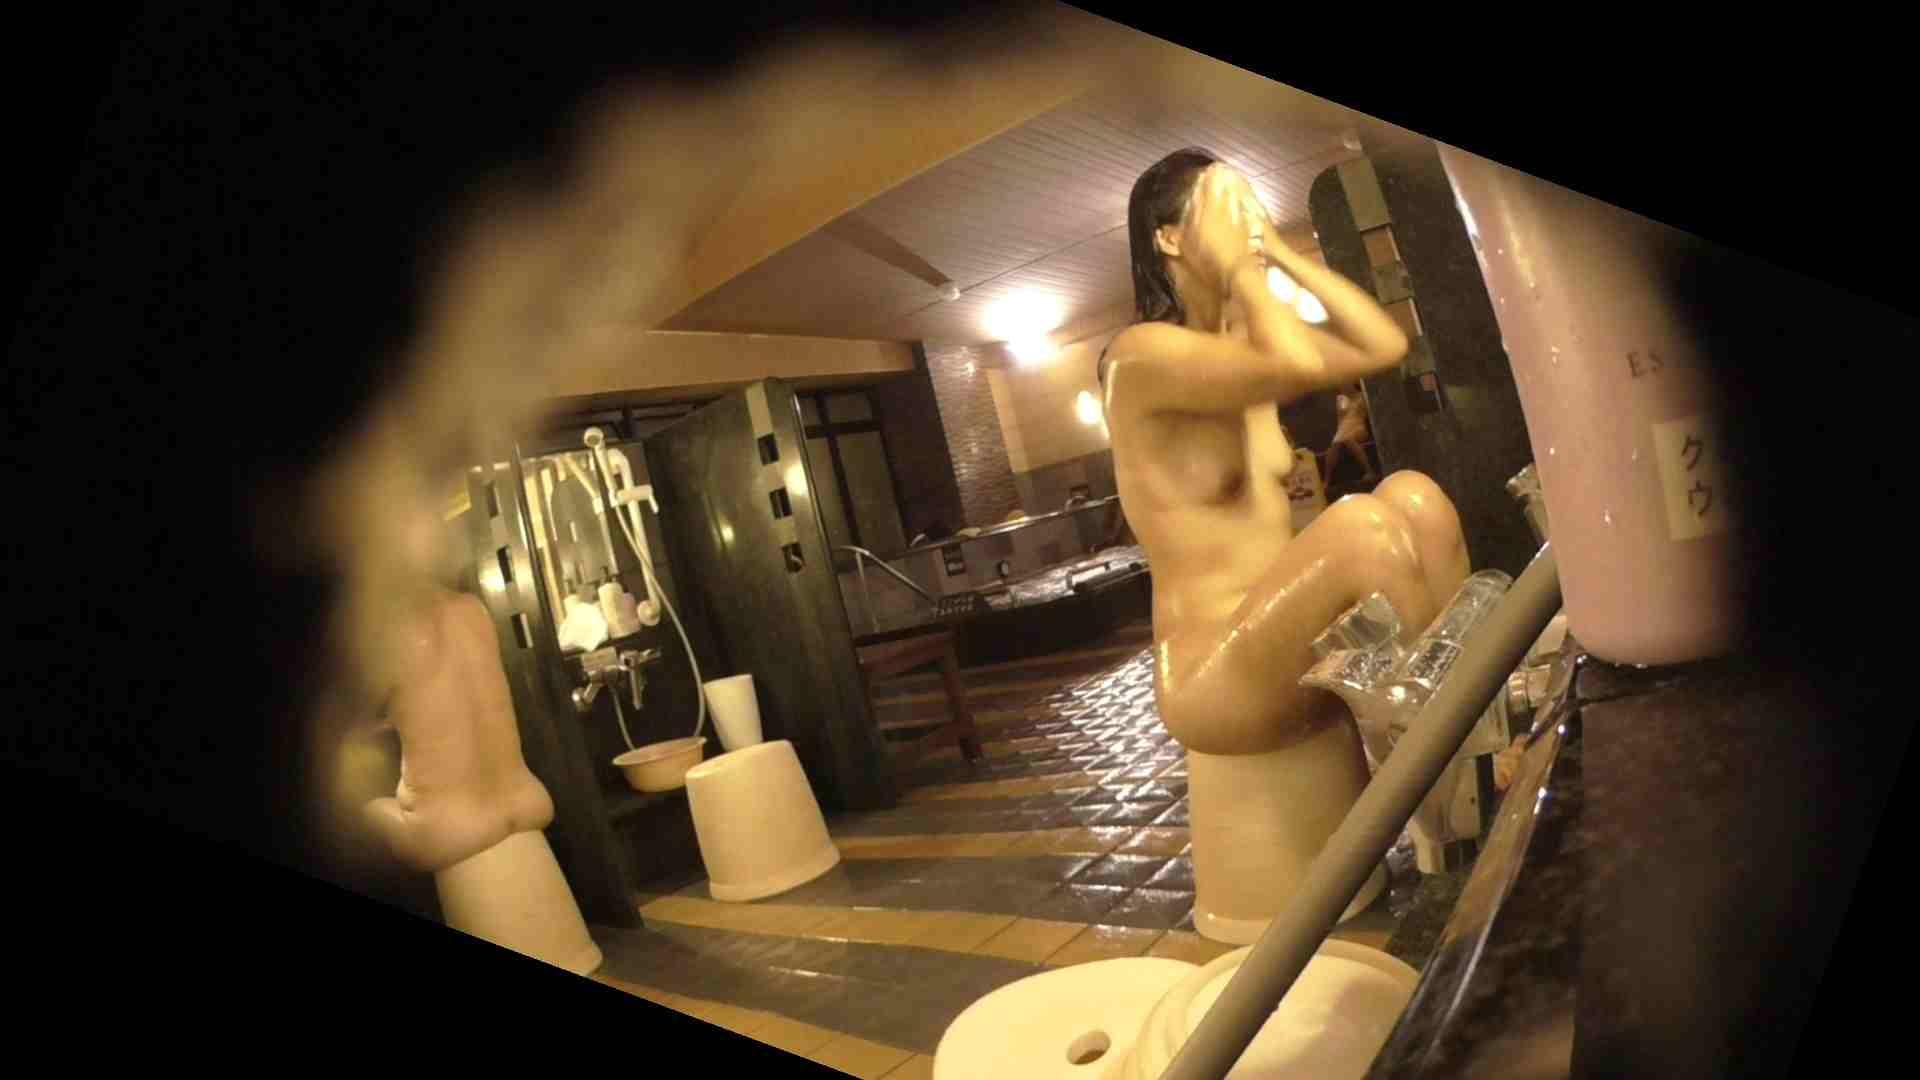 お風呂HEROの助手 vol.04 丸見え AV動画キャプチャ 88画像 57